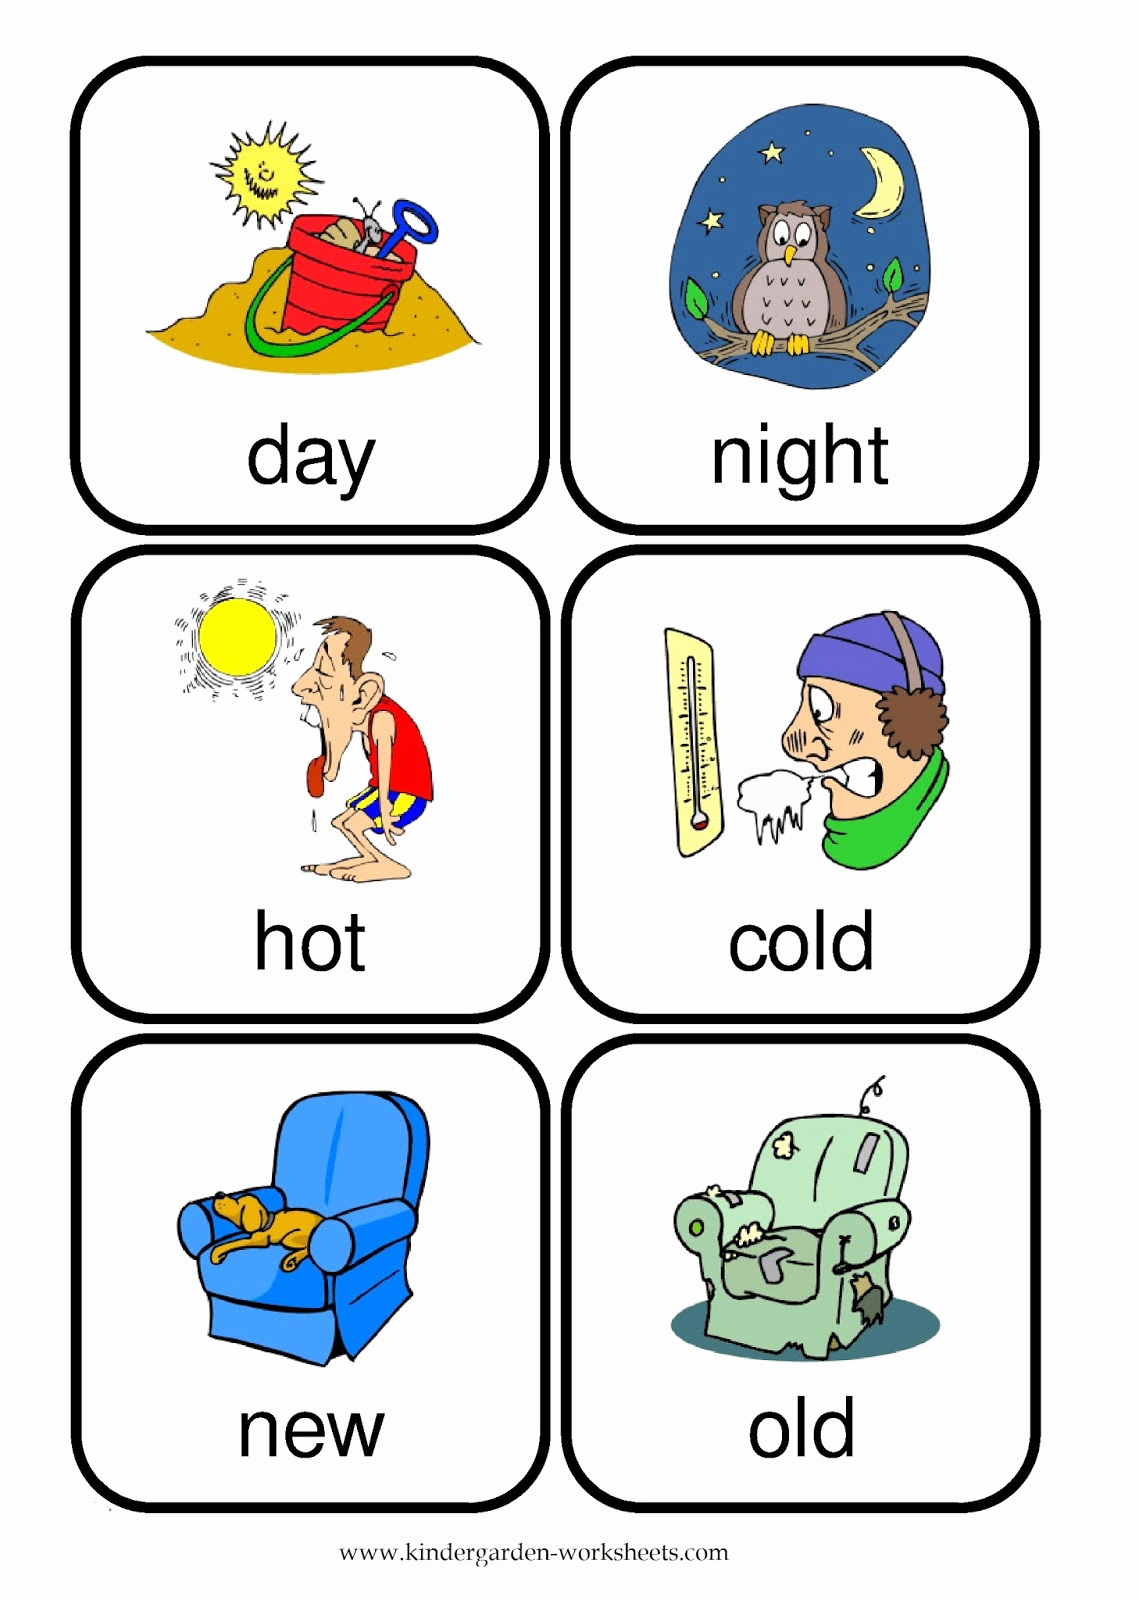 Opposites Preschool Worksheets Lovely Opposites Preschool Activities